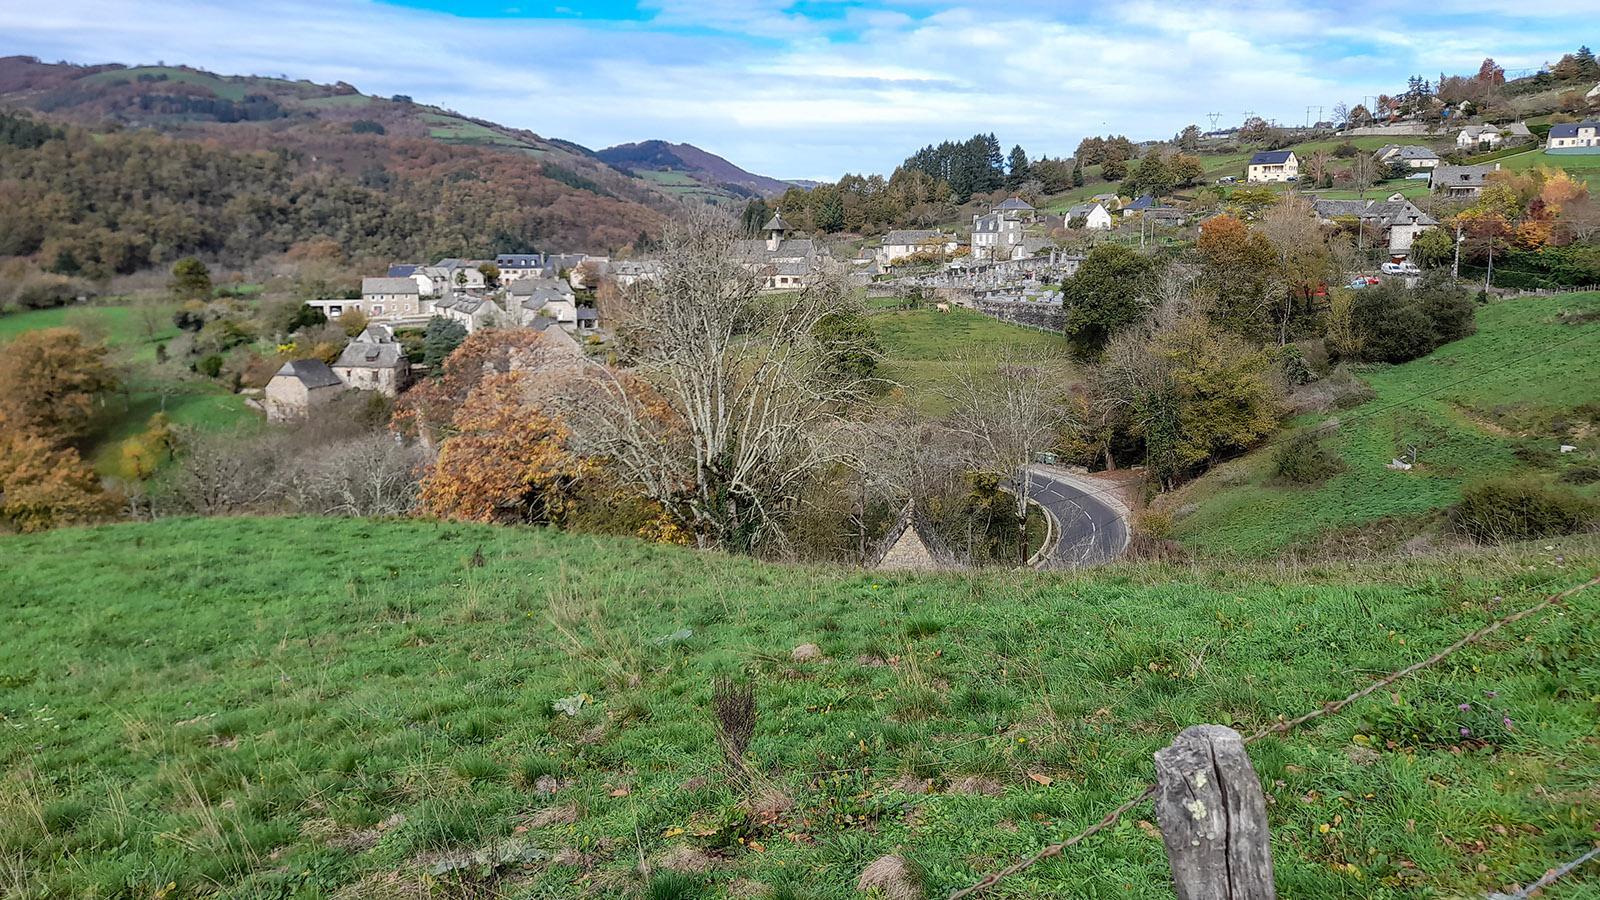 Unser Dorf im Aveyron. Foto: Verena Jacqueline Thalmann